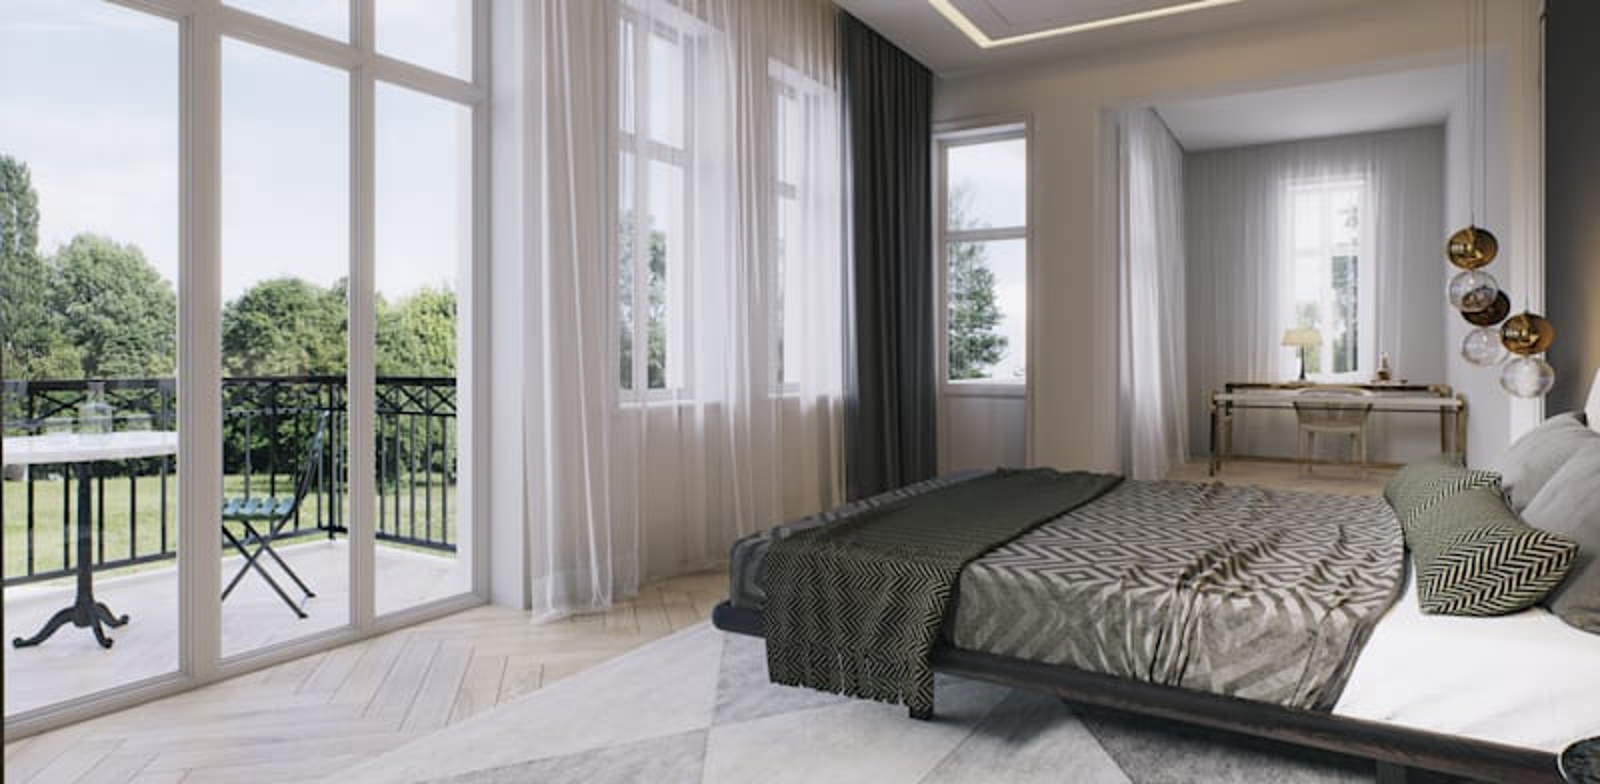 חדר השינה שבקומה הראשונה / הדמיה: 3division